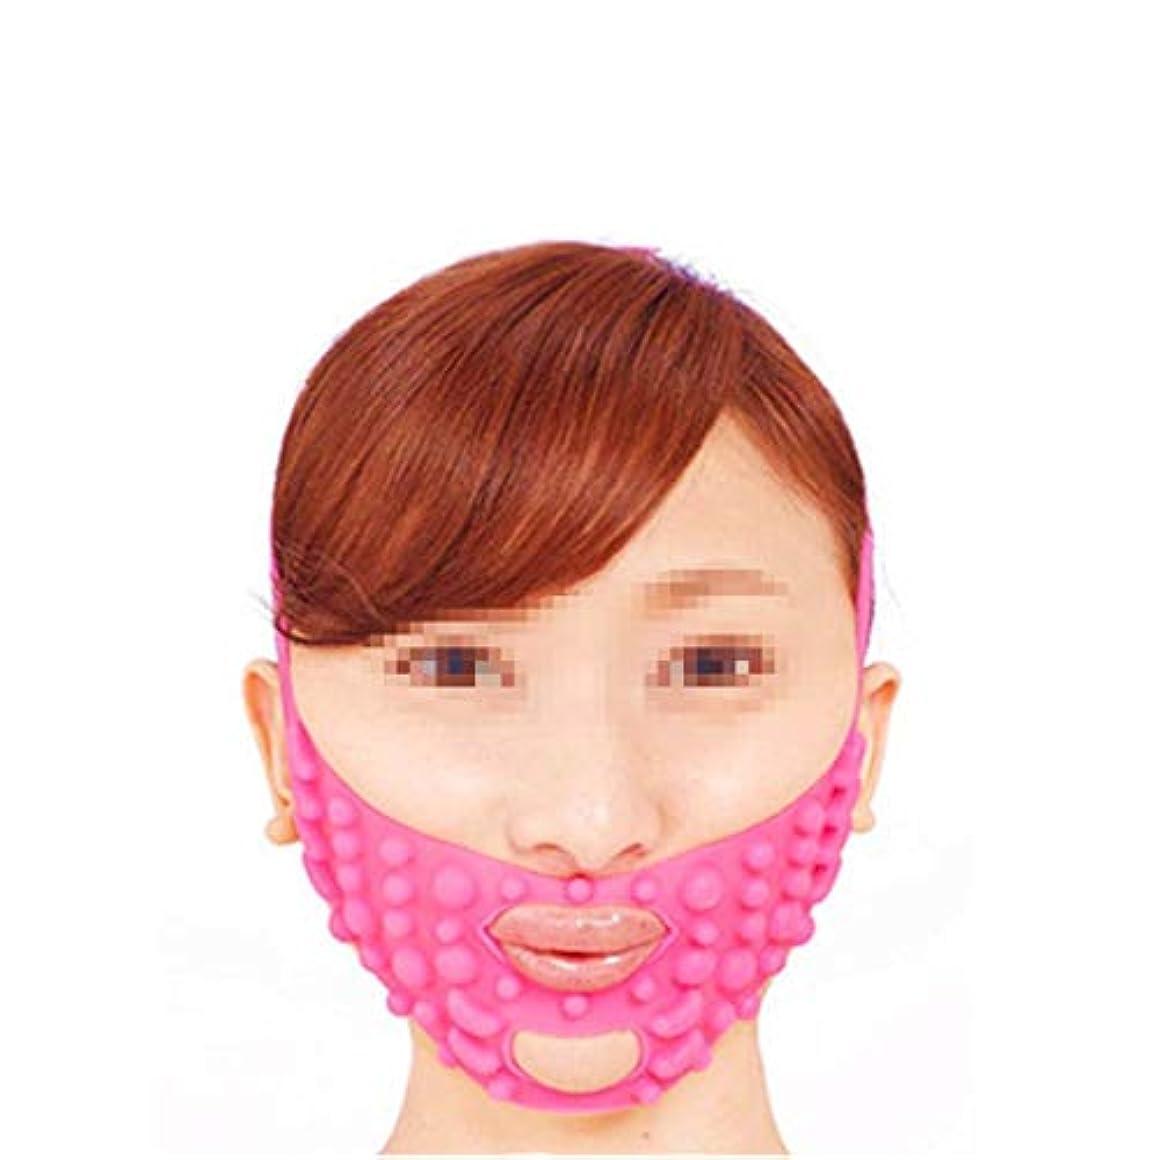 納屋反乱ペグシリコンマッサージフェイスマスク、きちんと形をした小さいVフェイスリフトをデコードパターンフェイスリフトバンデージピンク